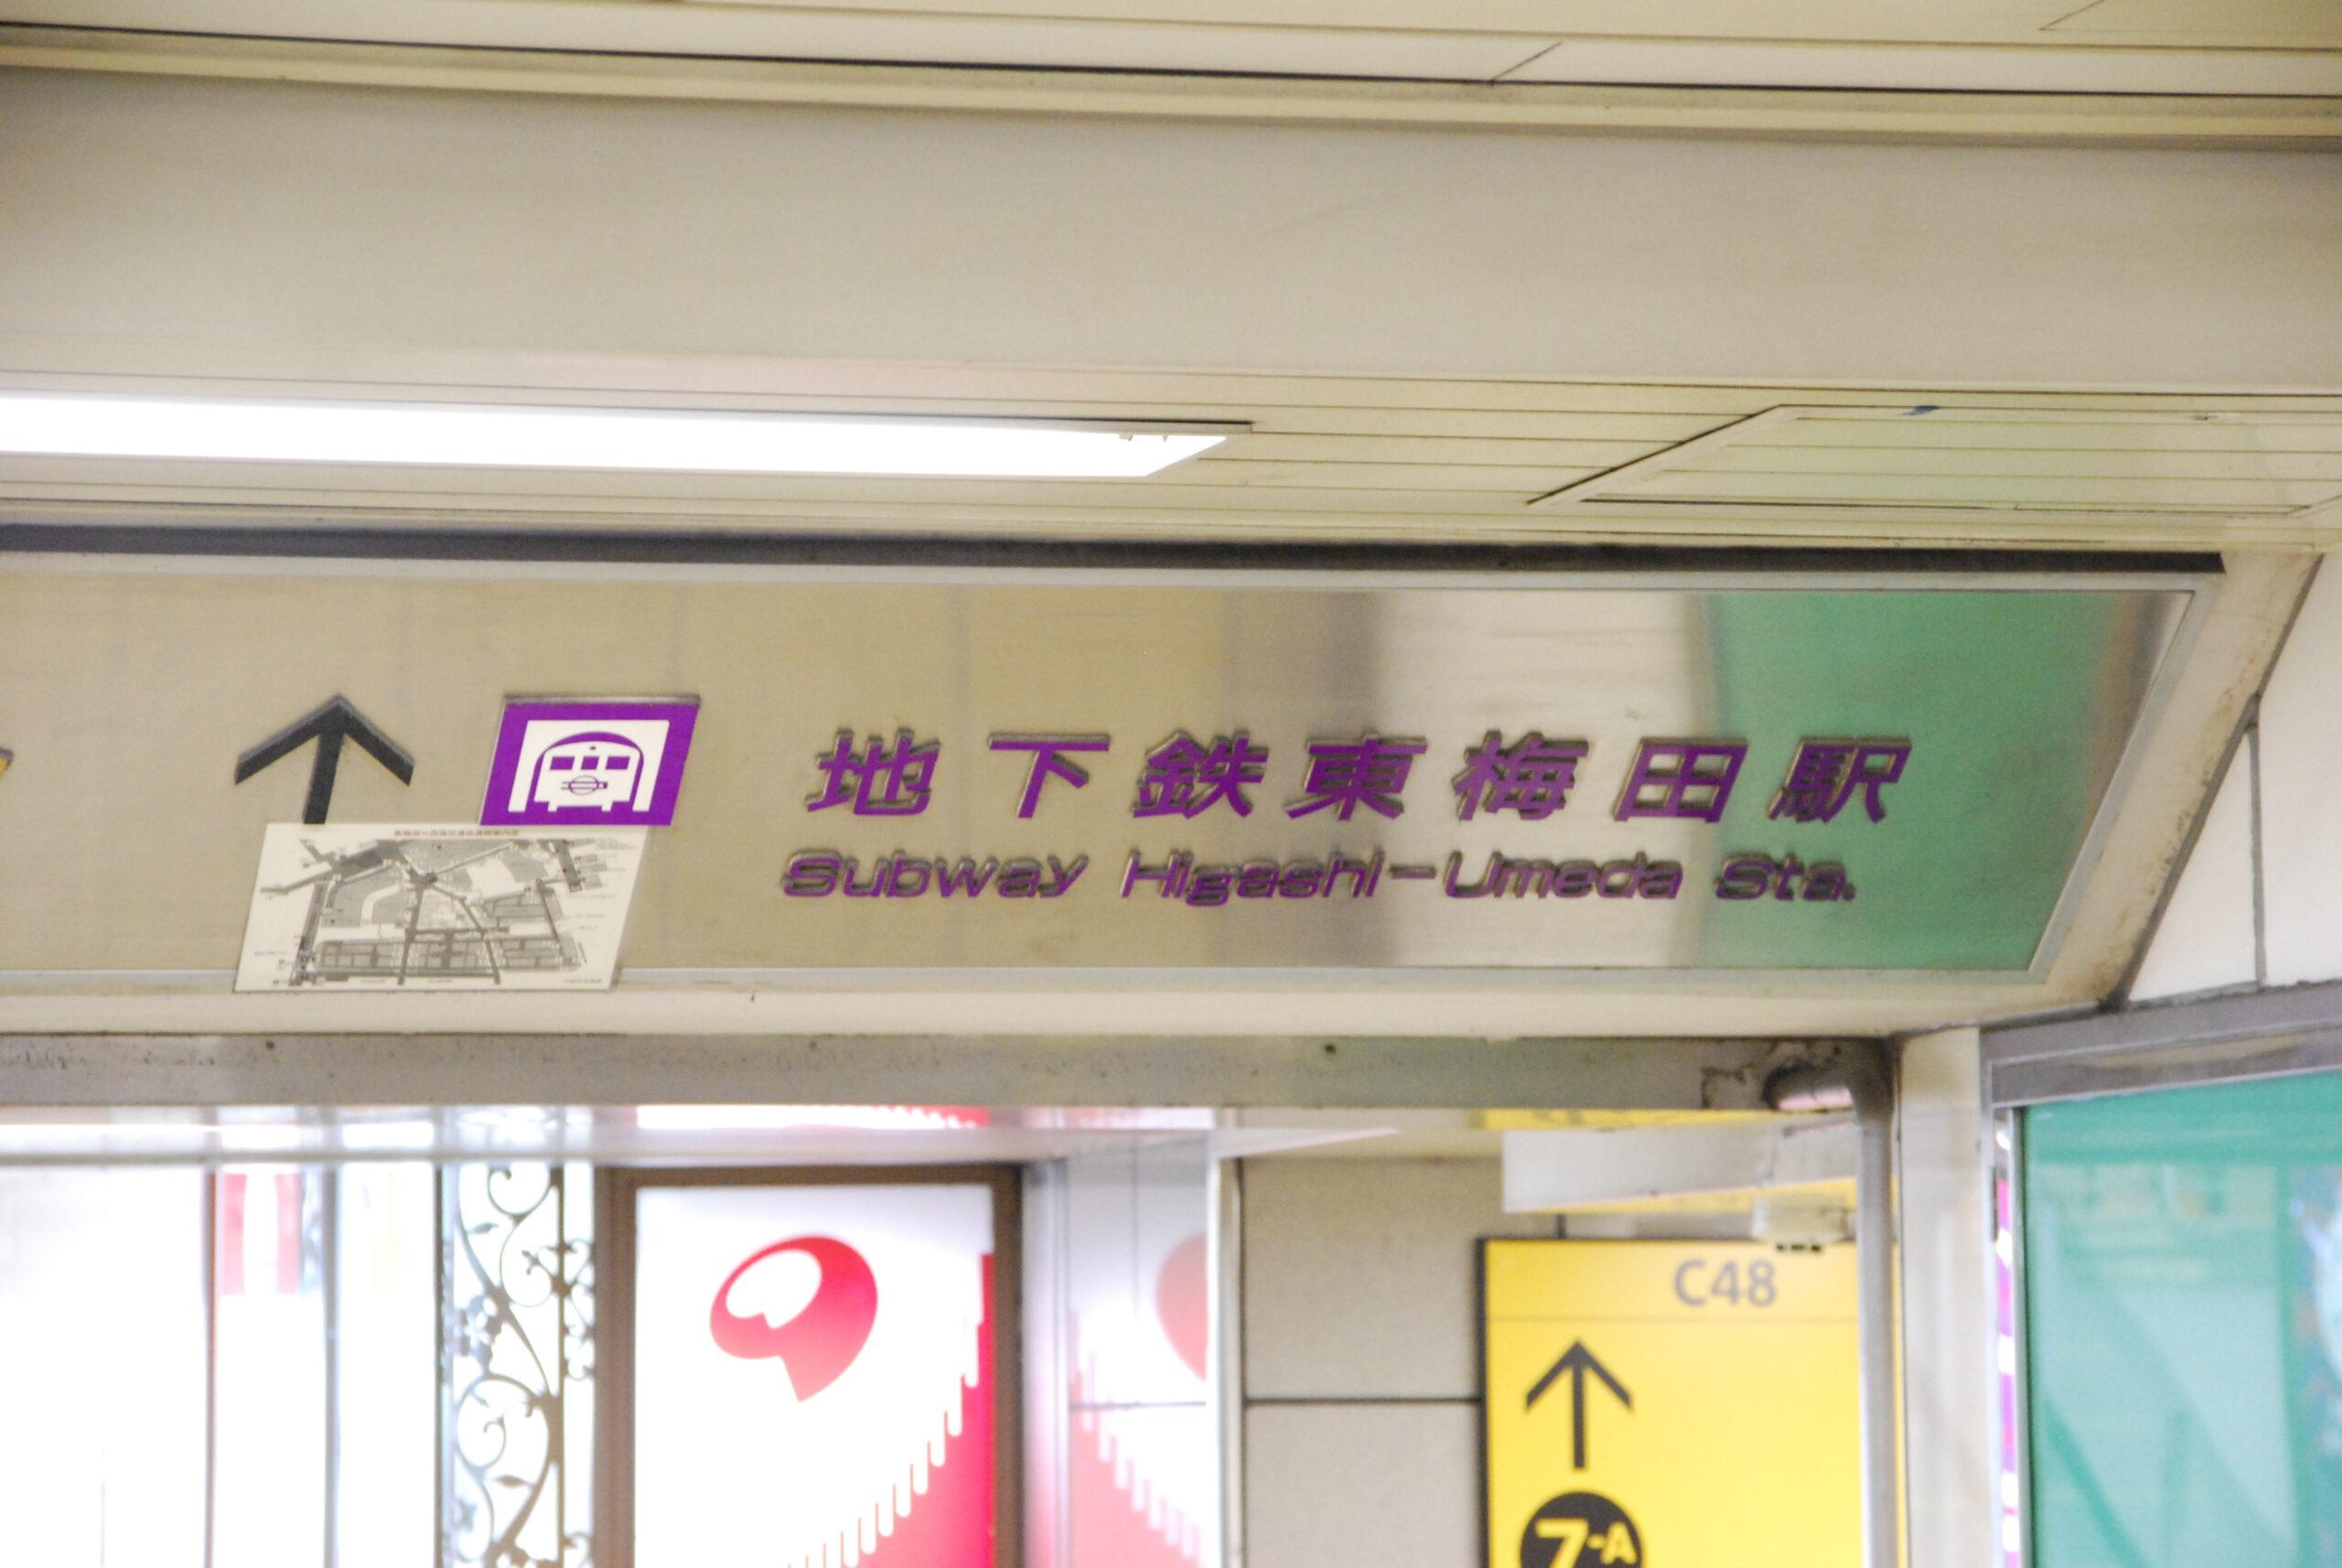 アイキャッチ梅田三駅の周辺にあるマルコ・ひげ文字を探せ!